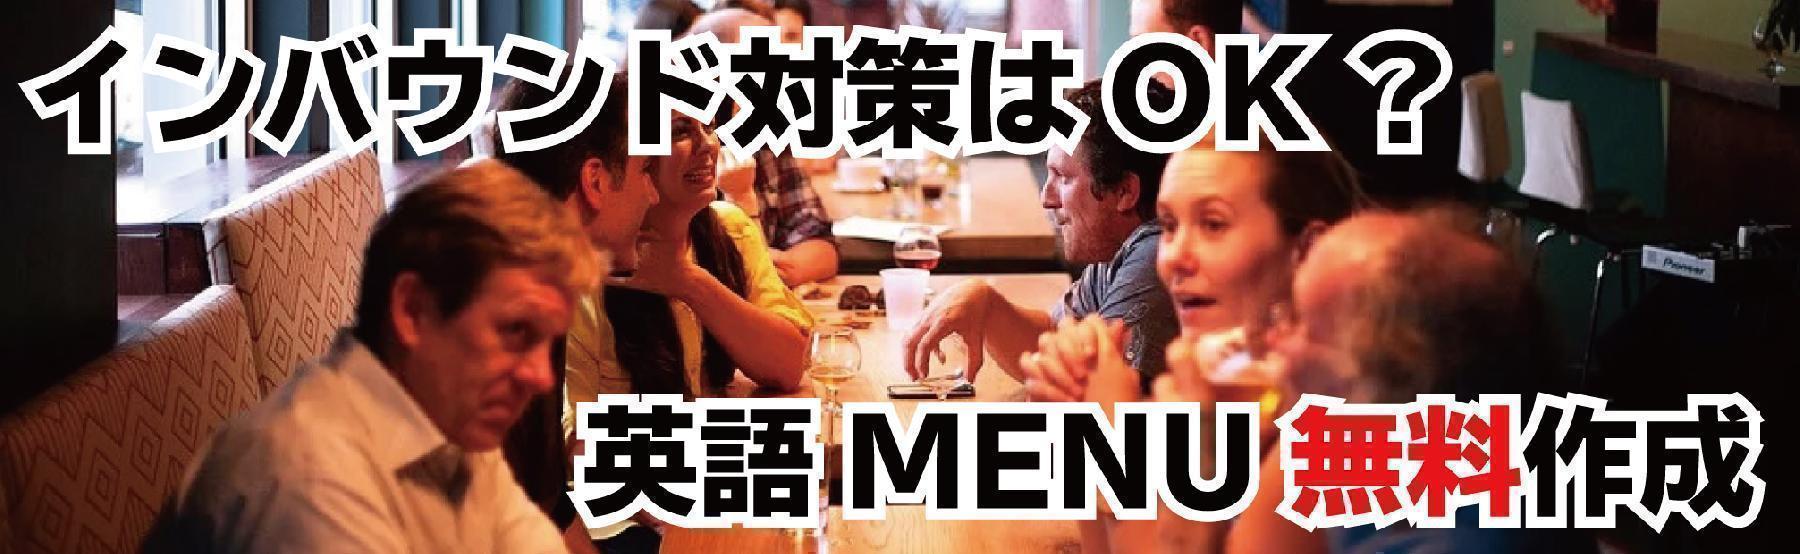 インバウンド対策のためにホームページを英語にします。 無料で英語のサイトを作ります。多くの外国人が日本に訪れるようになった今、小さなお店や個人で経営しているお店などは英語の対応ができないのが現状です。 そんな飲食店にむけてメニューを英語で作り、お店のサービス内容や外国人の注意点などを分かりやすい英語で書かかれたサイトを制作します。